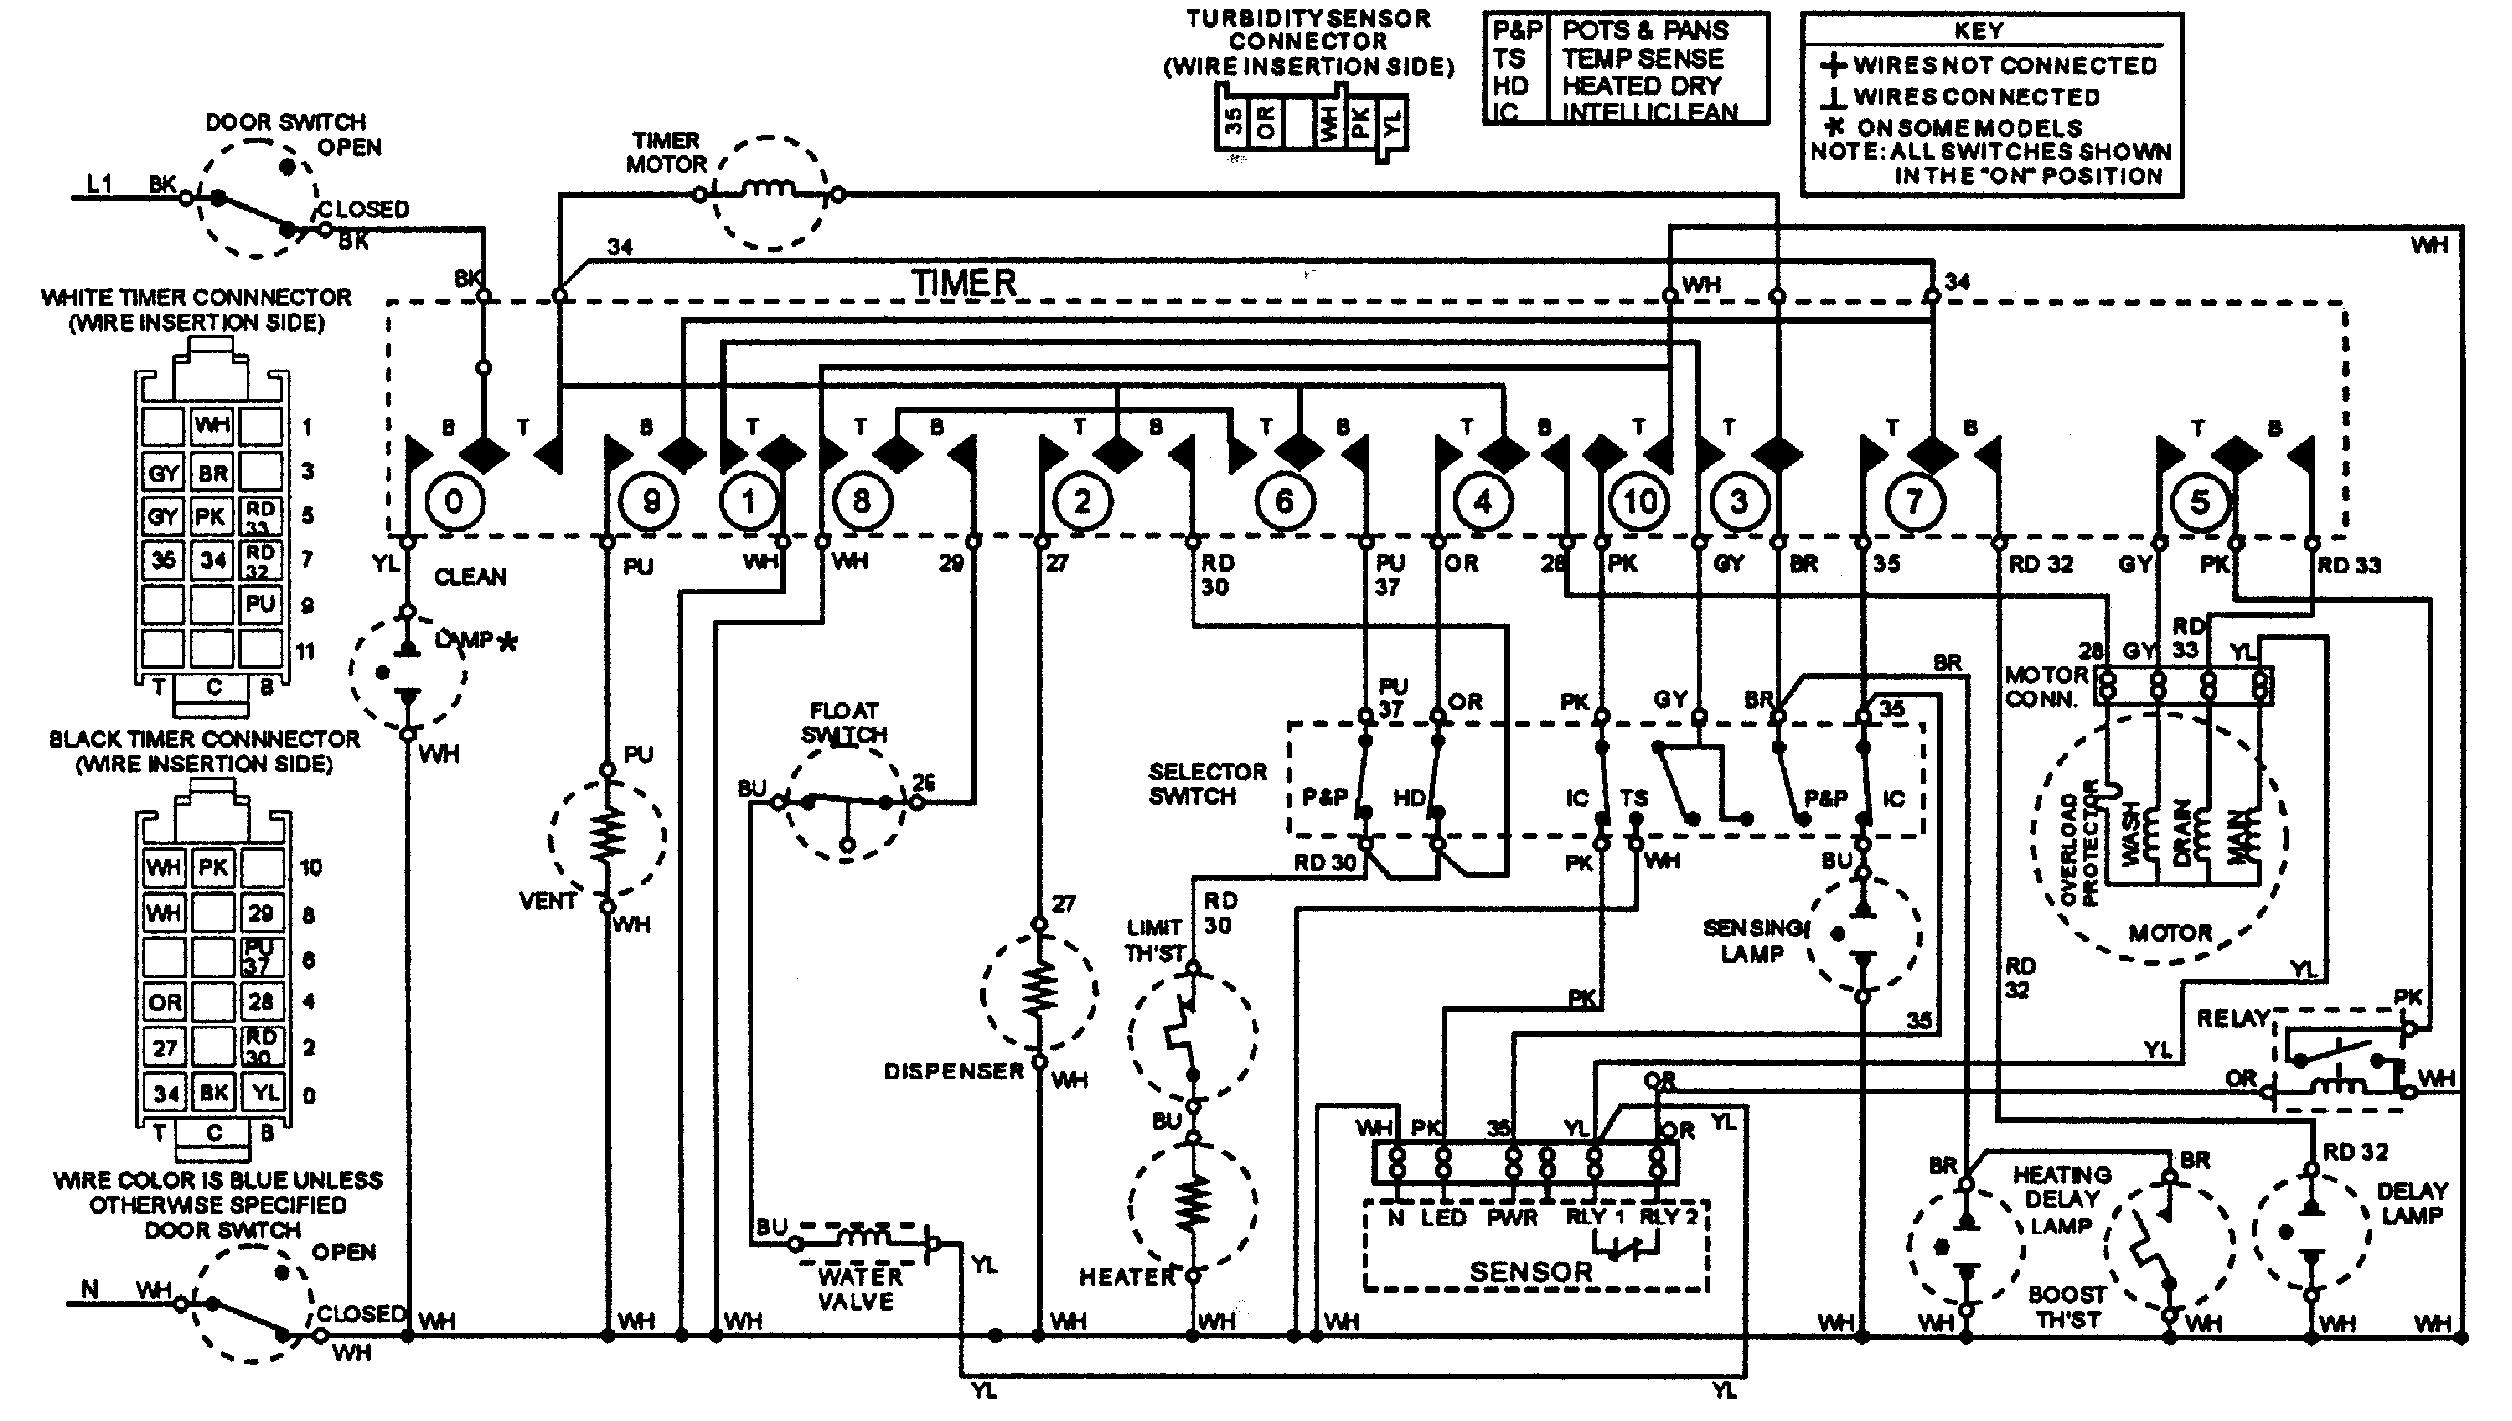 Under Cabinet Wiring Basics Diagrams Diagram Vans Rv 12 Spar Pin 34 Lighting